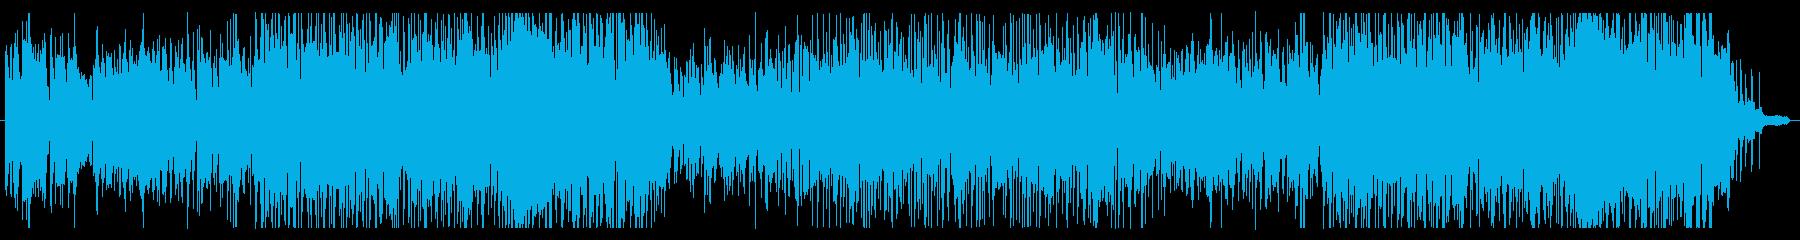 ヴァイオリンによる躍動感のあるサンバの再生済みの波形